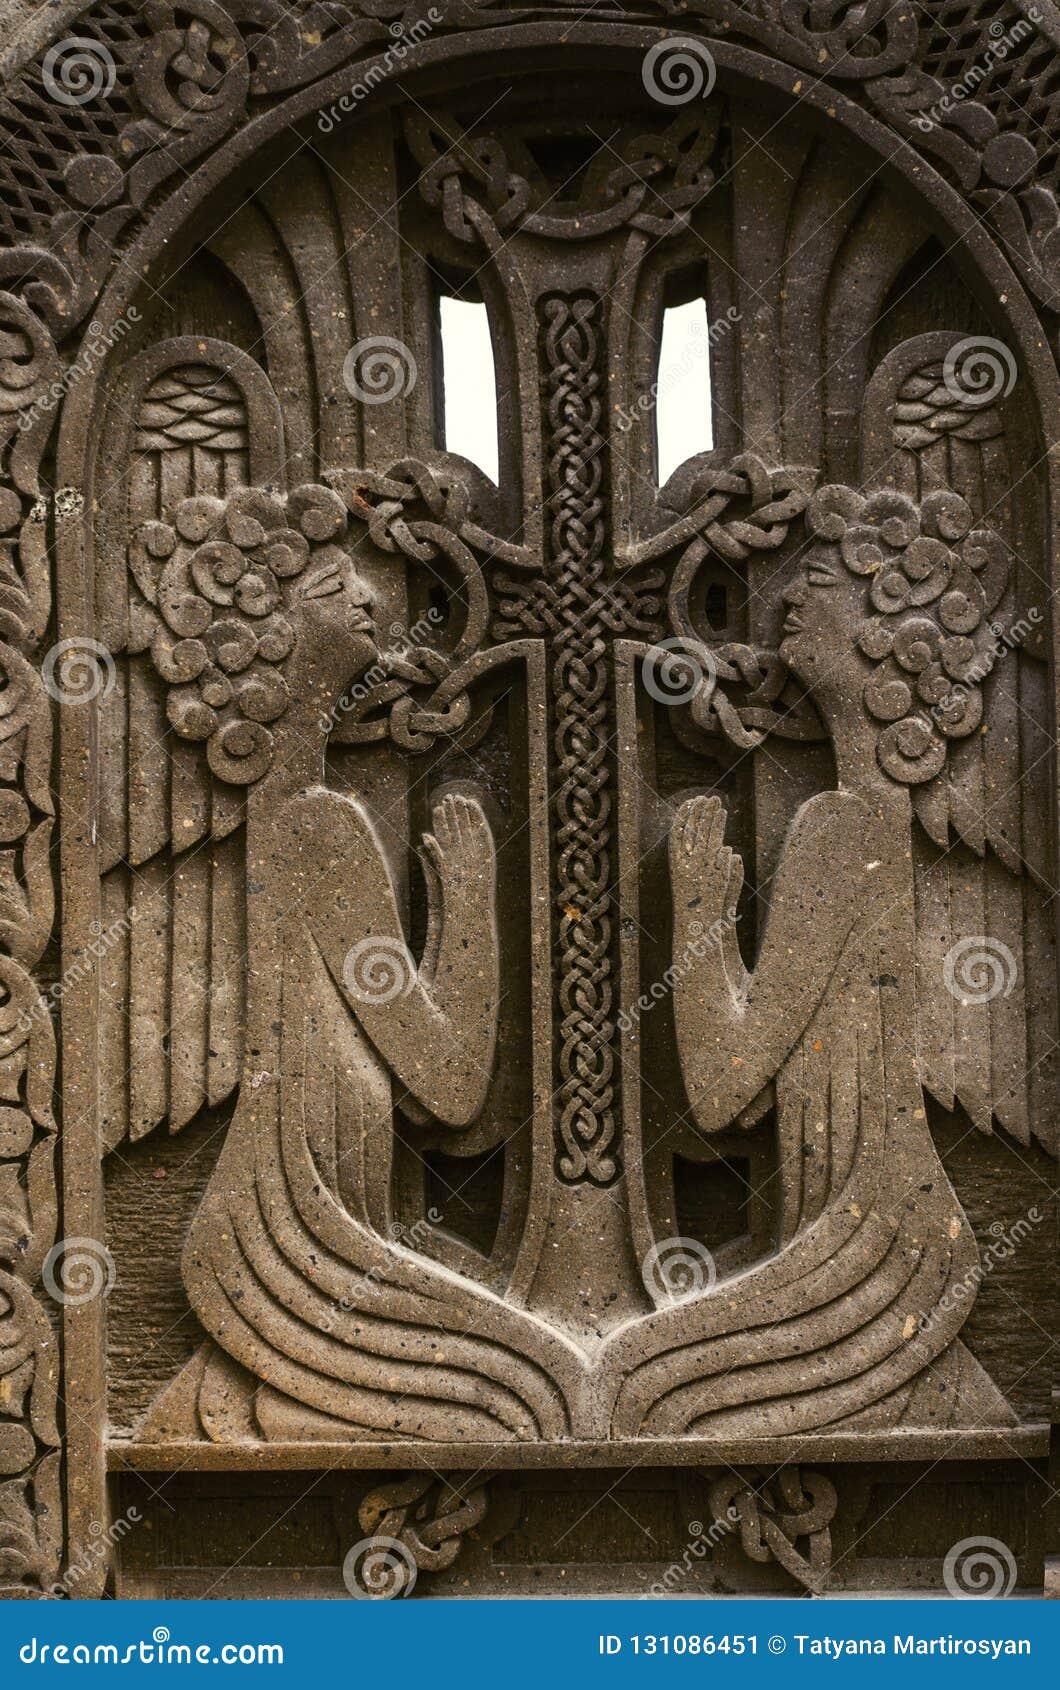 Dos ángeles de rogación cerca de la cruz con el ornamento de entrelazamiento, grabado en piedra volcánica oscura